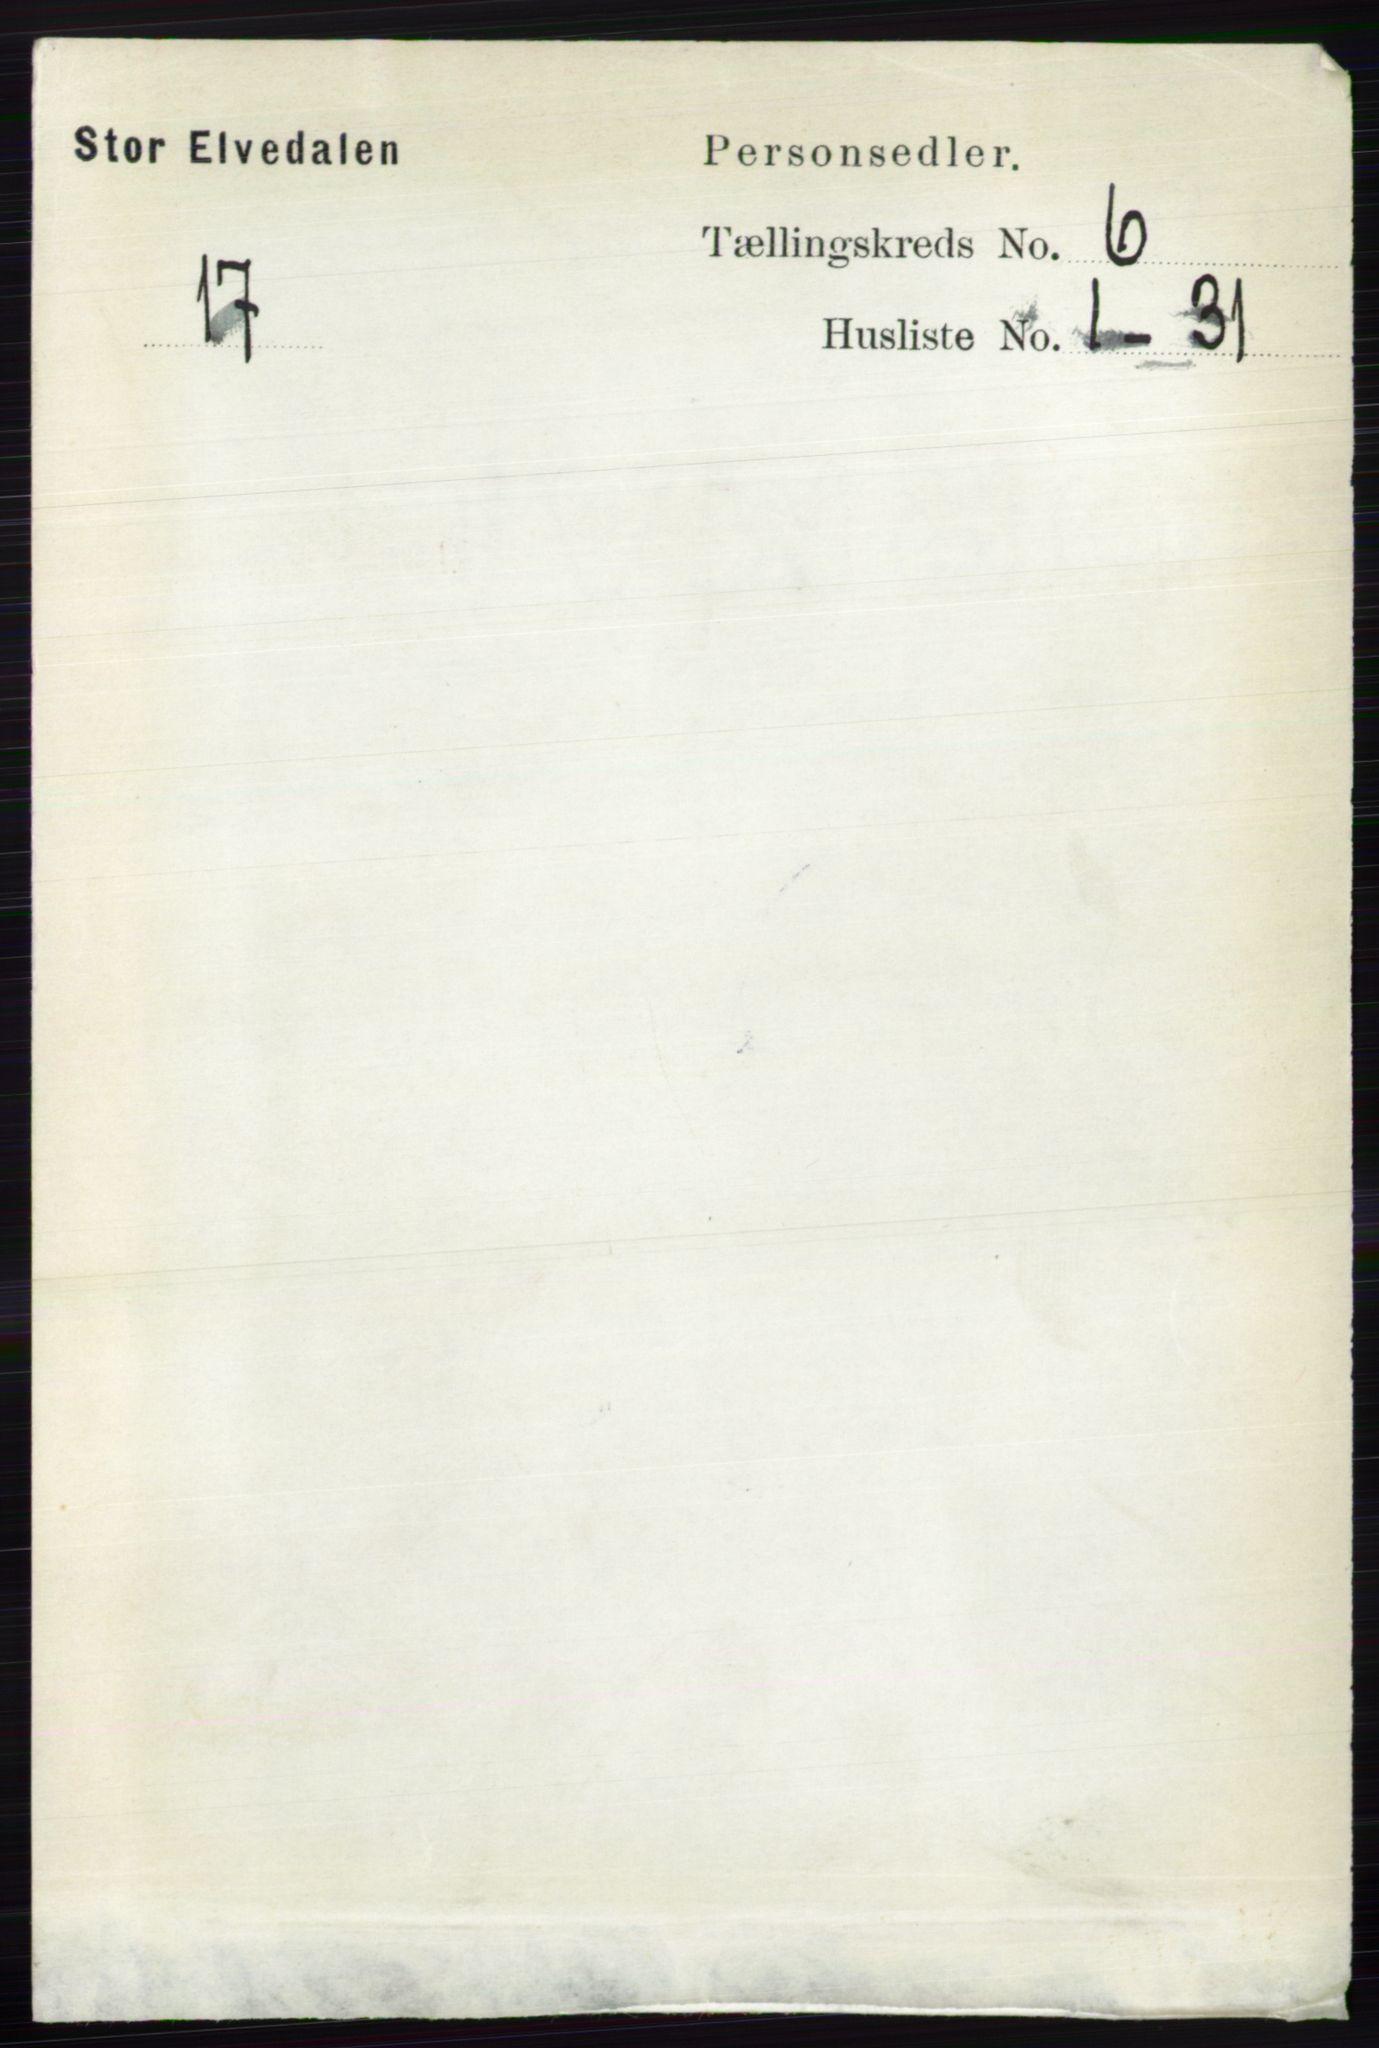 RA, Folketelling 1891 for 0430 Stor-Elvdal herred, 1891, s. 2100